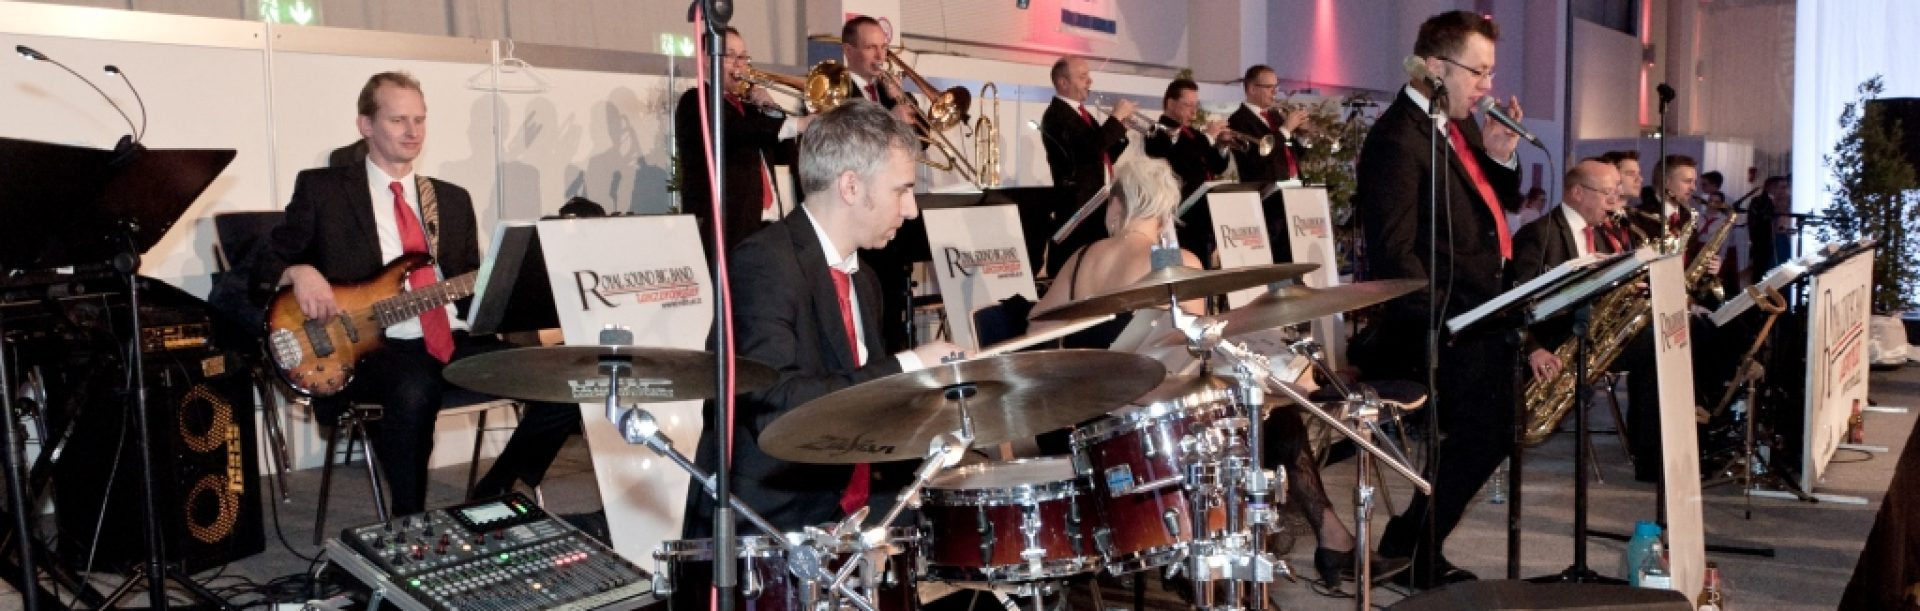 Royal Sound Big Band